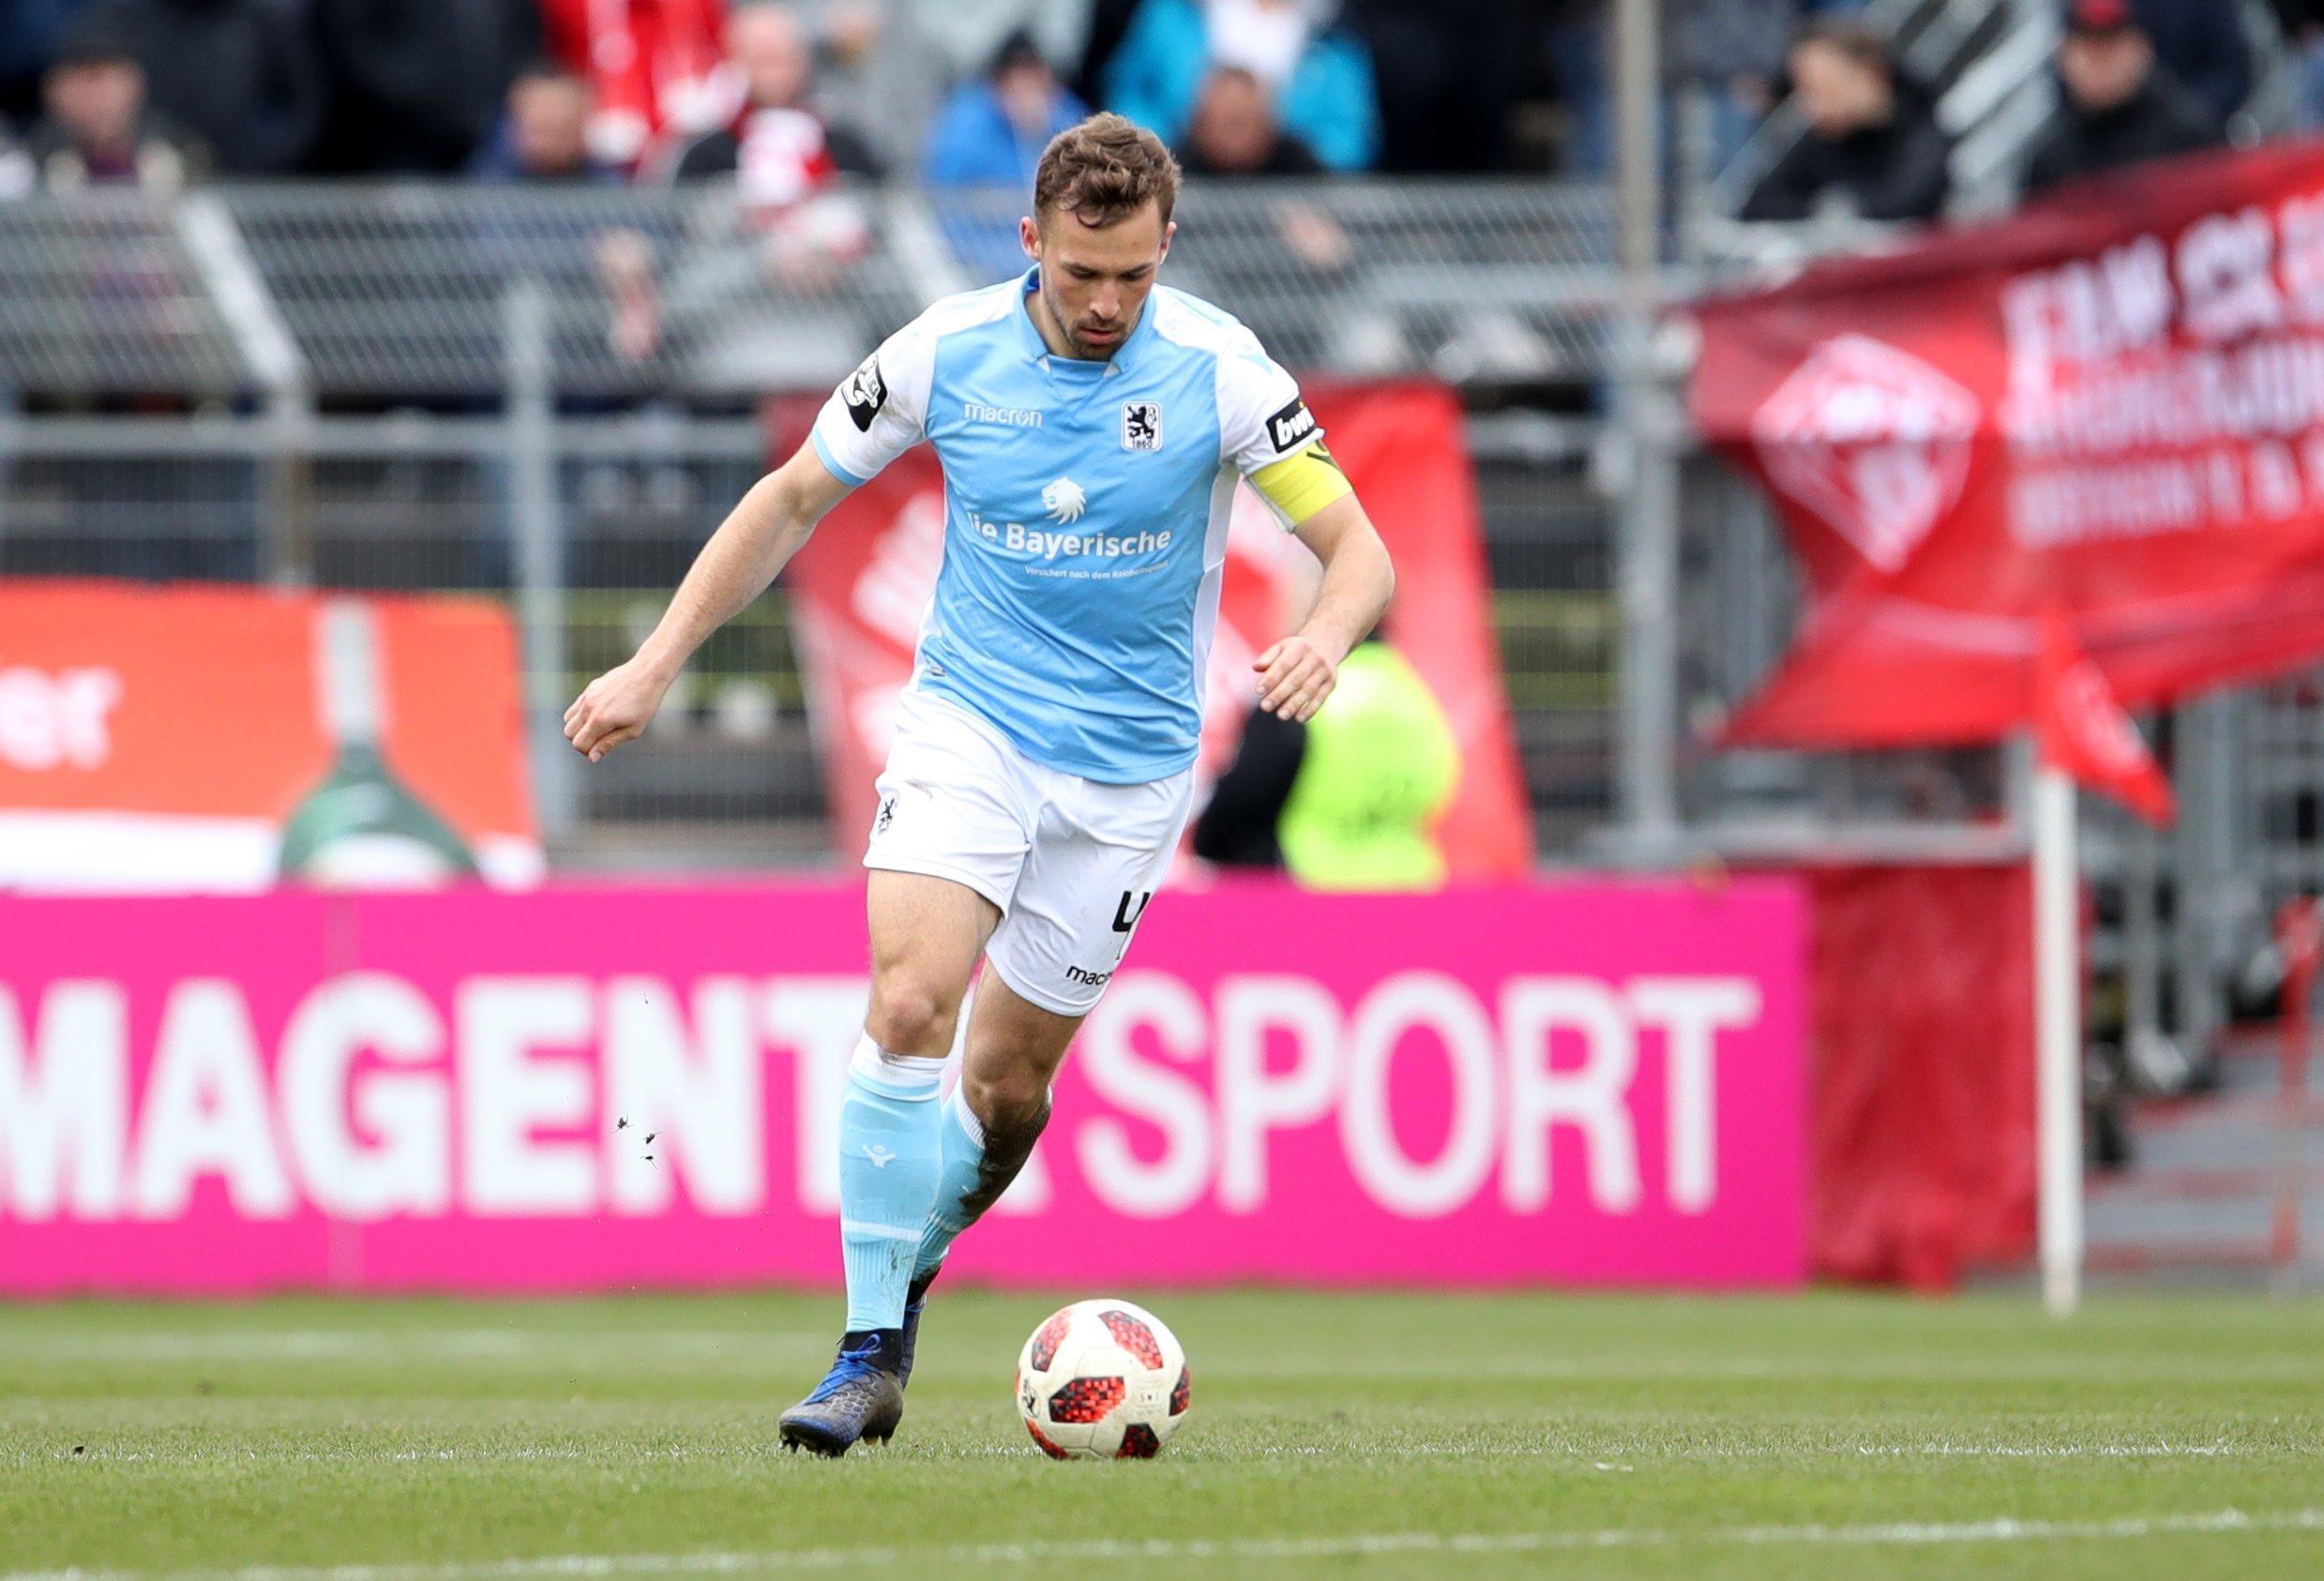 Fussball - 3. Liga - FC Wuerzbuger Kickers - TSV 1860 Muenchen